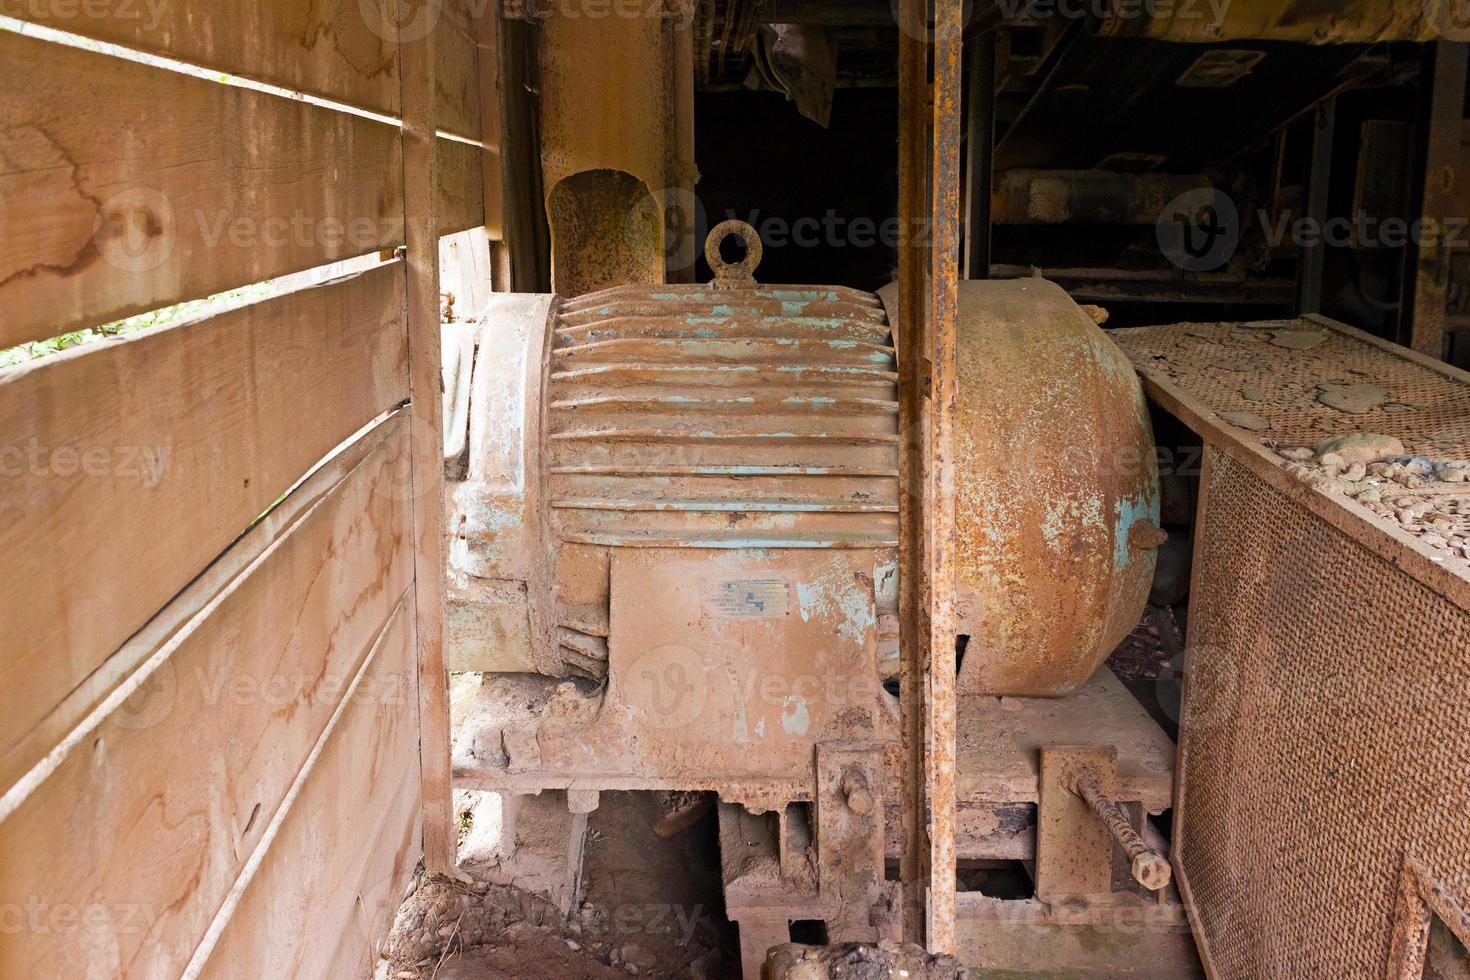 Antiguo motor eléctrico en fábrica abandonada foto